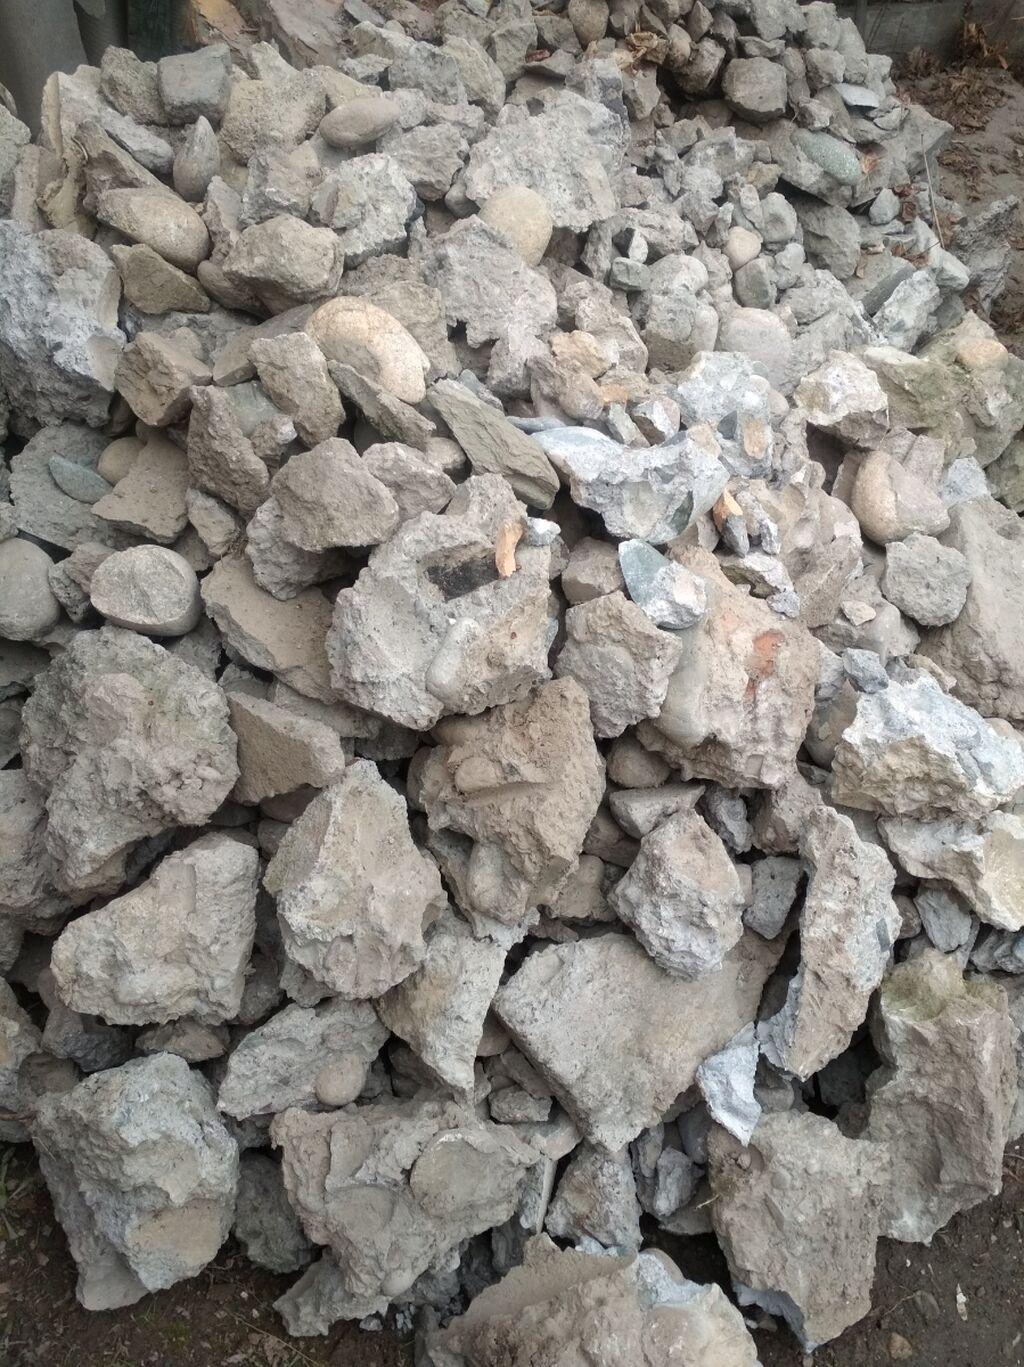 Отдам даром ломаный бетон в рабочем городке | Объявление создано 20 Март 2021 06:44:56: Отдам даром ломаный бетон в рабочем городке